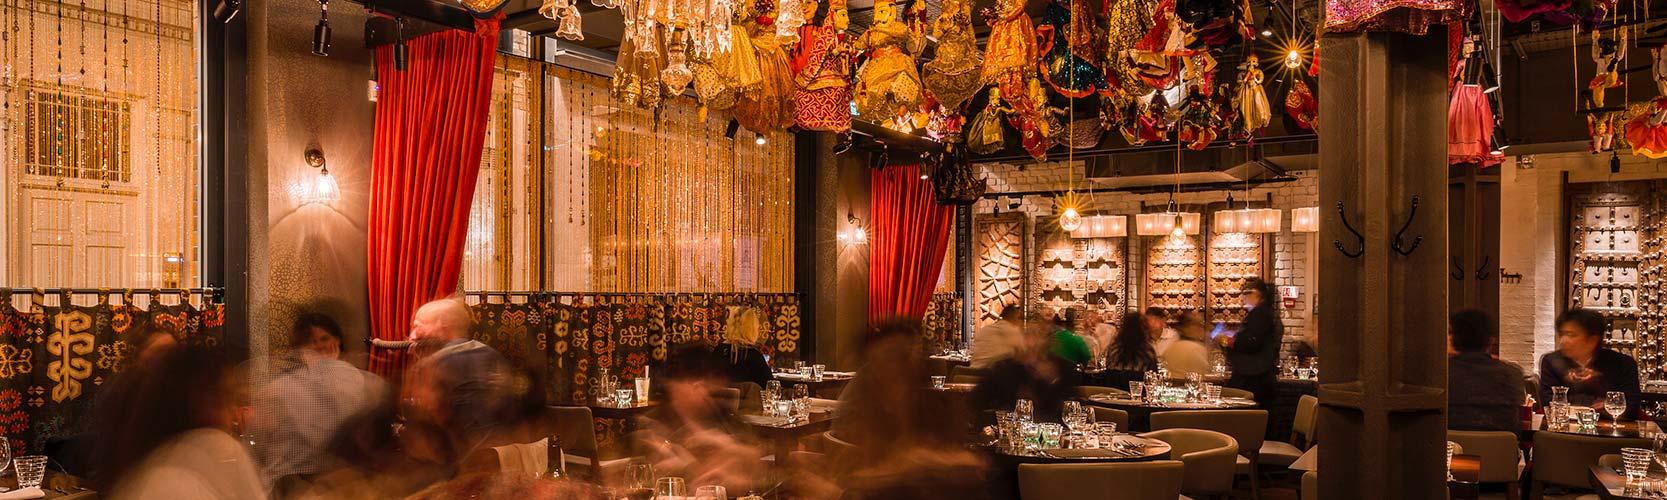 Best Indian Restaurants In London Masala Zone